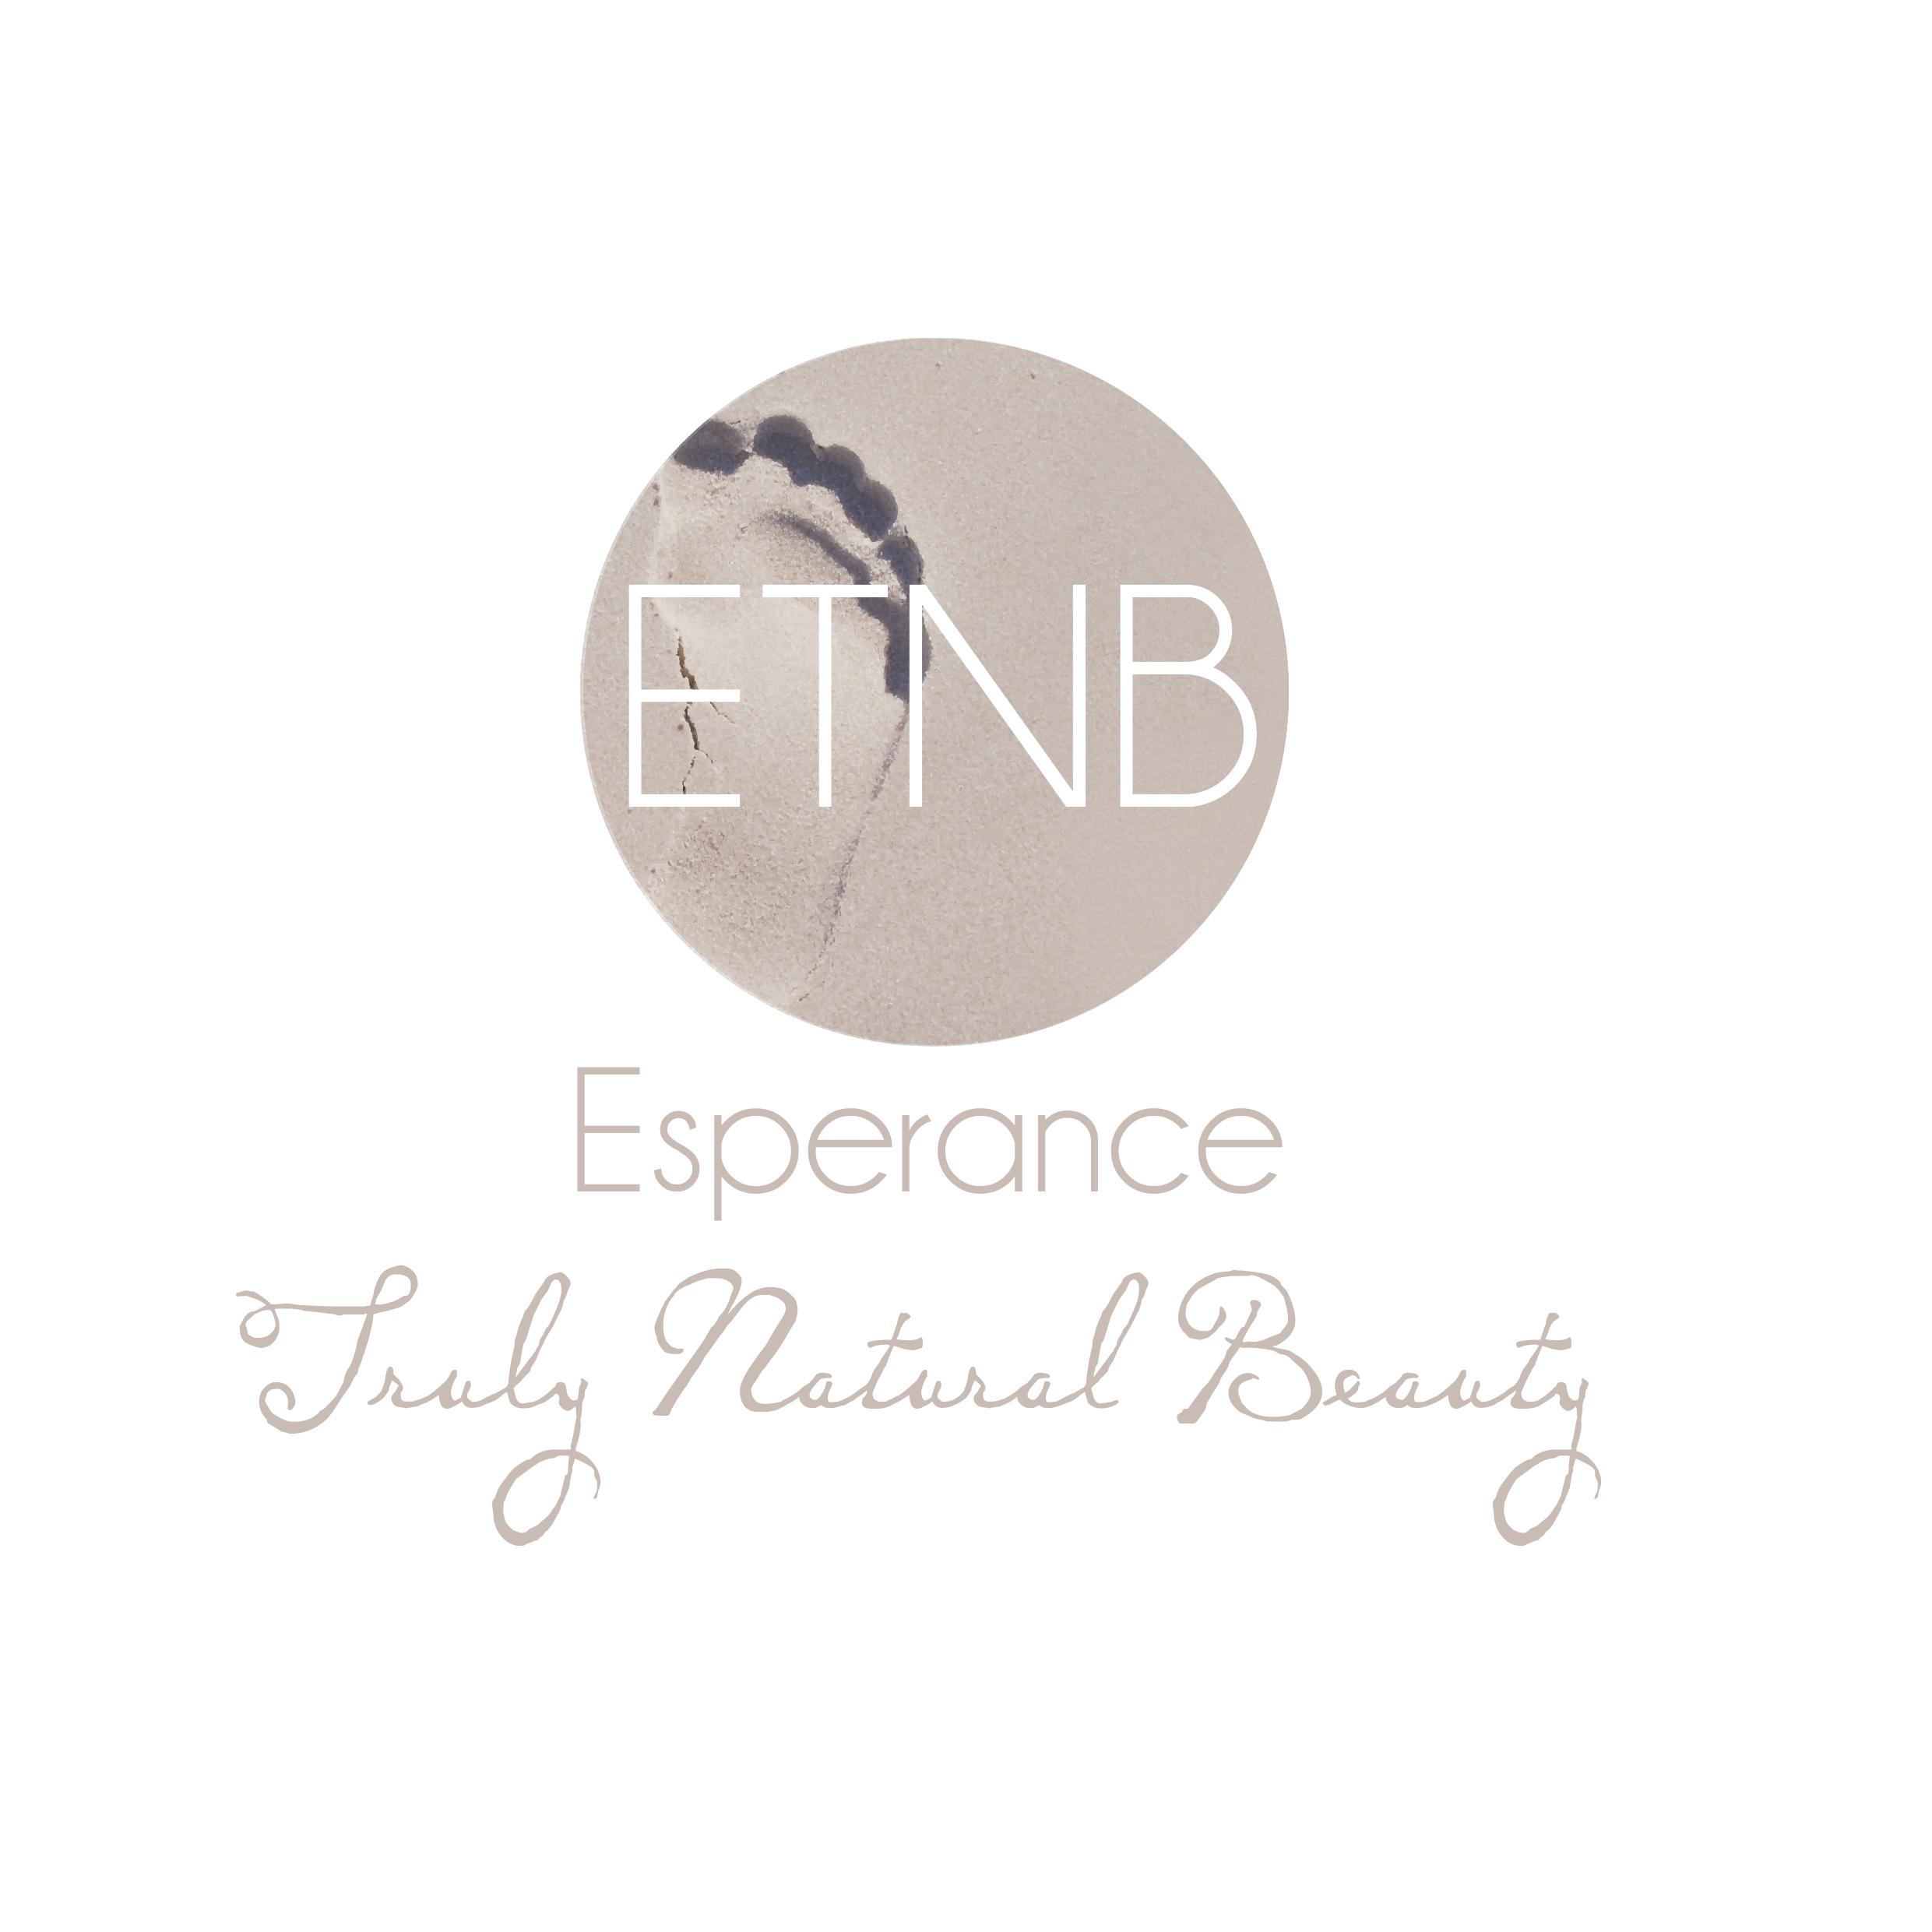 ETNB logo.jpg